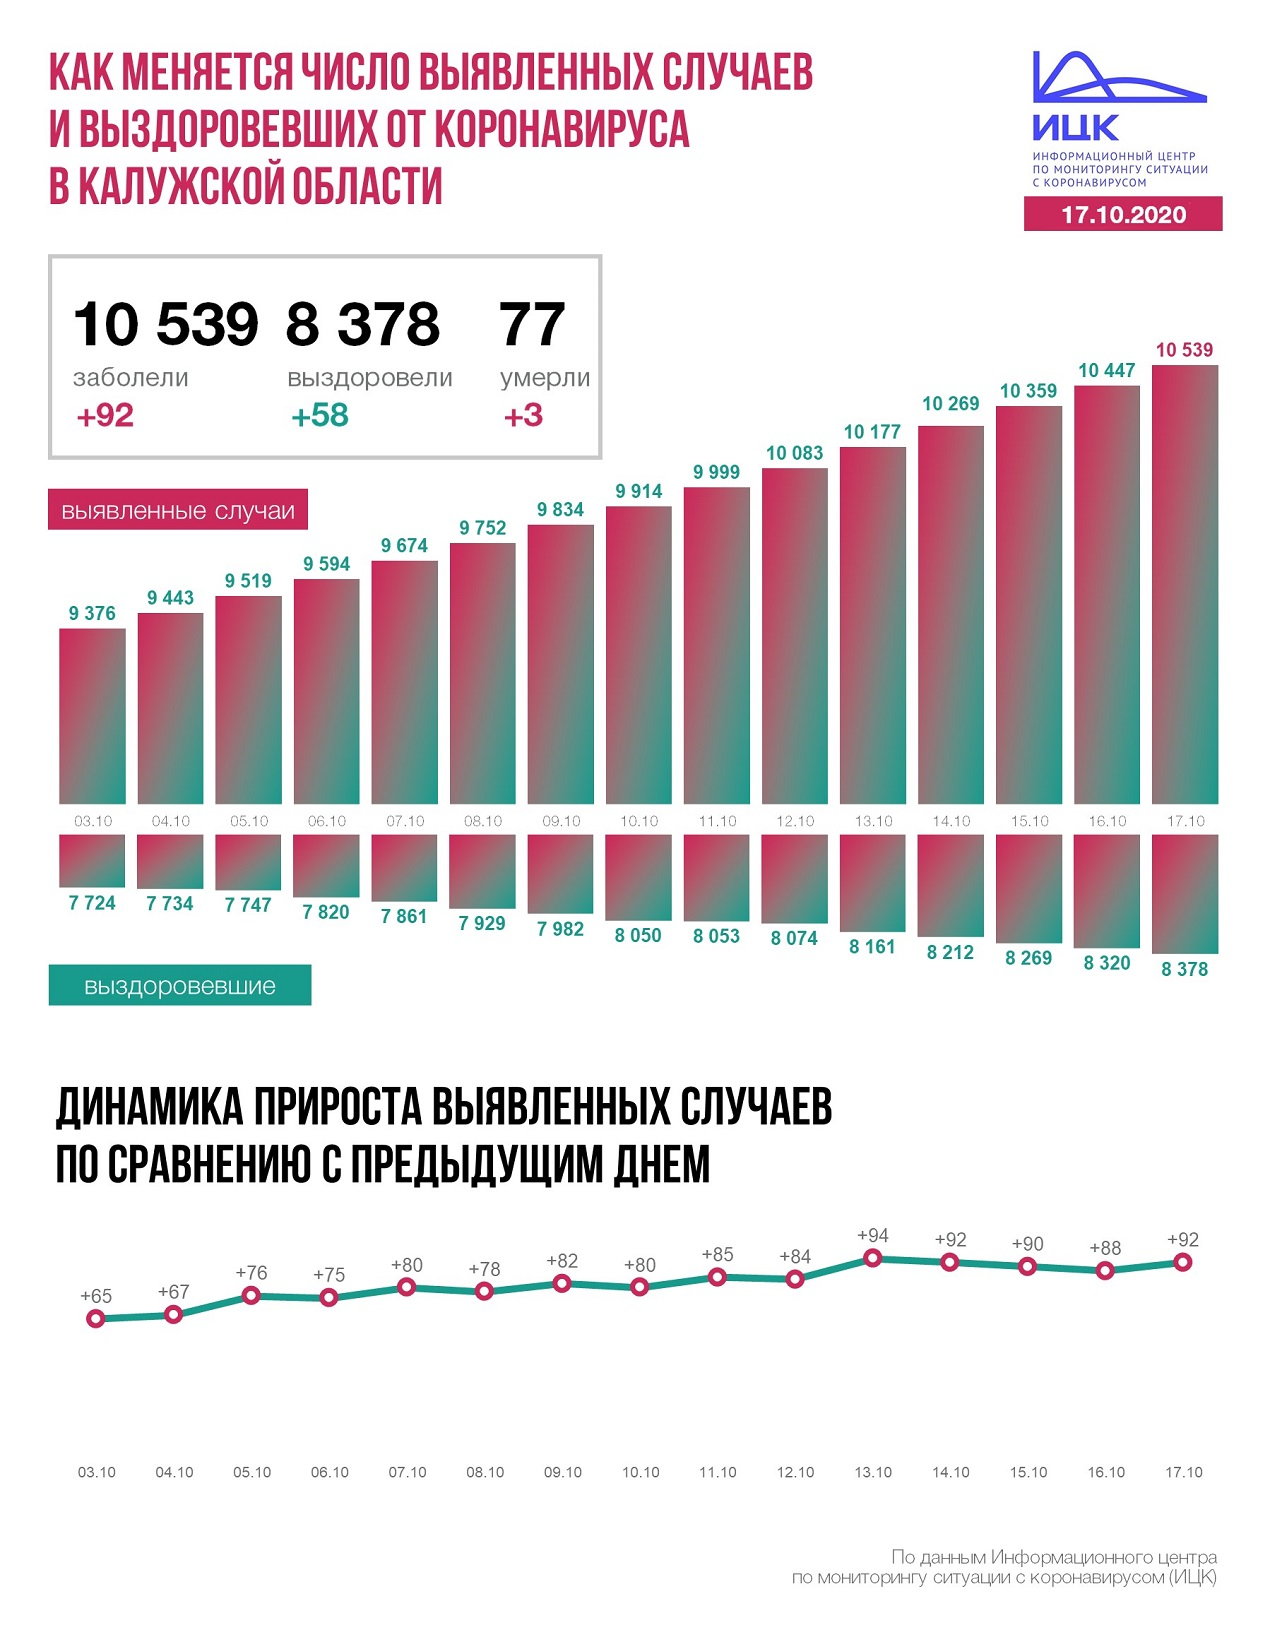 Официальные данные федерального оперативного штаба по коронавирусу в Калужской области на 17 октября 2020 года.